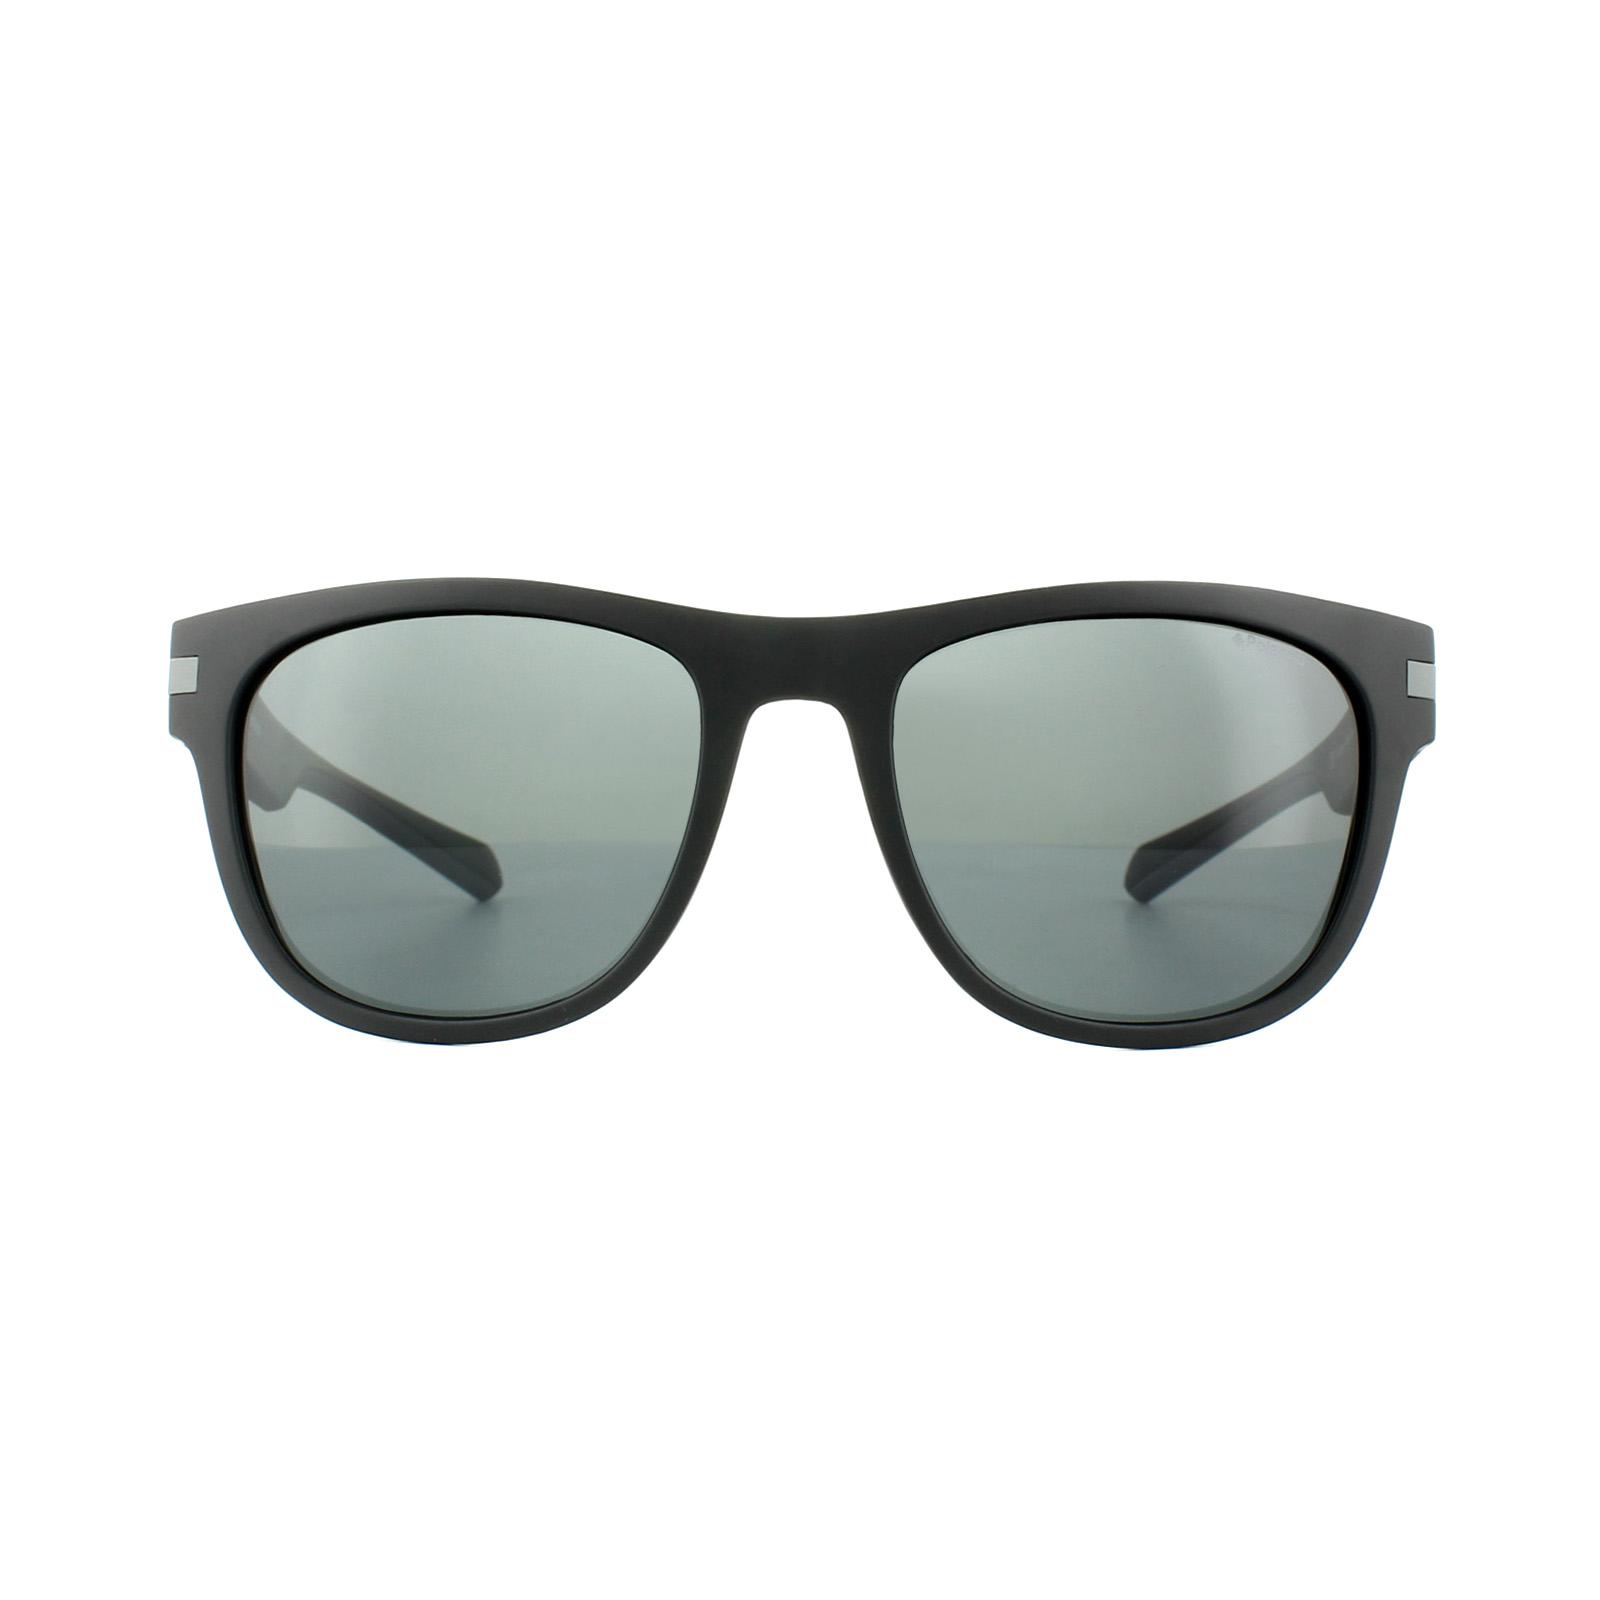 Sentinel Polaroid Sunglasses PLD 2065 S 003 M9 Matt Black Grey Polarized d1fbd46fd68